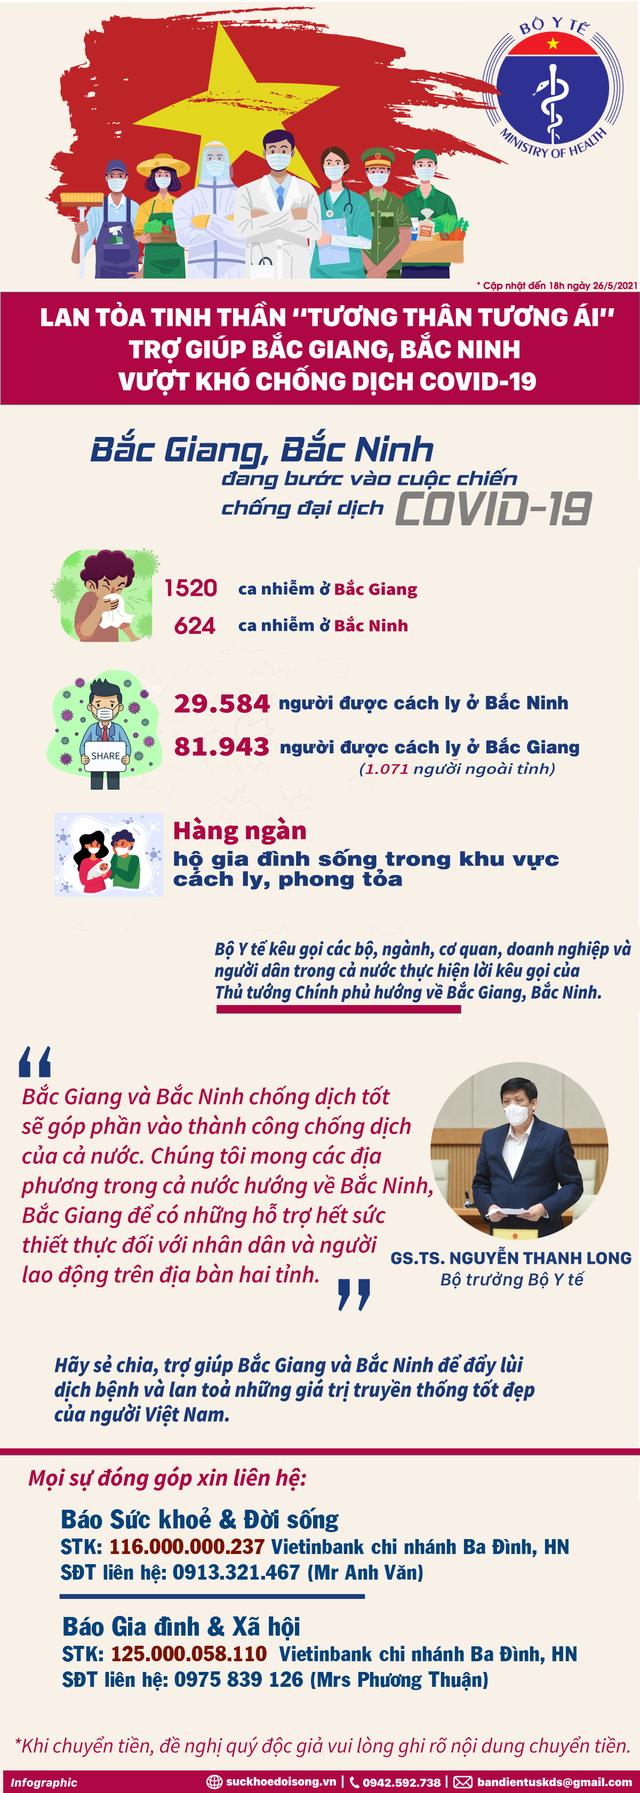 Lan toả tinh thần tương thân tương ái trợ giúp Bắc Giang, Bắc Ninh vượt khó chống dịch COVID-19 - Ảnh 3.